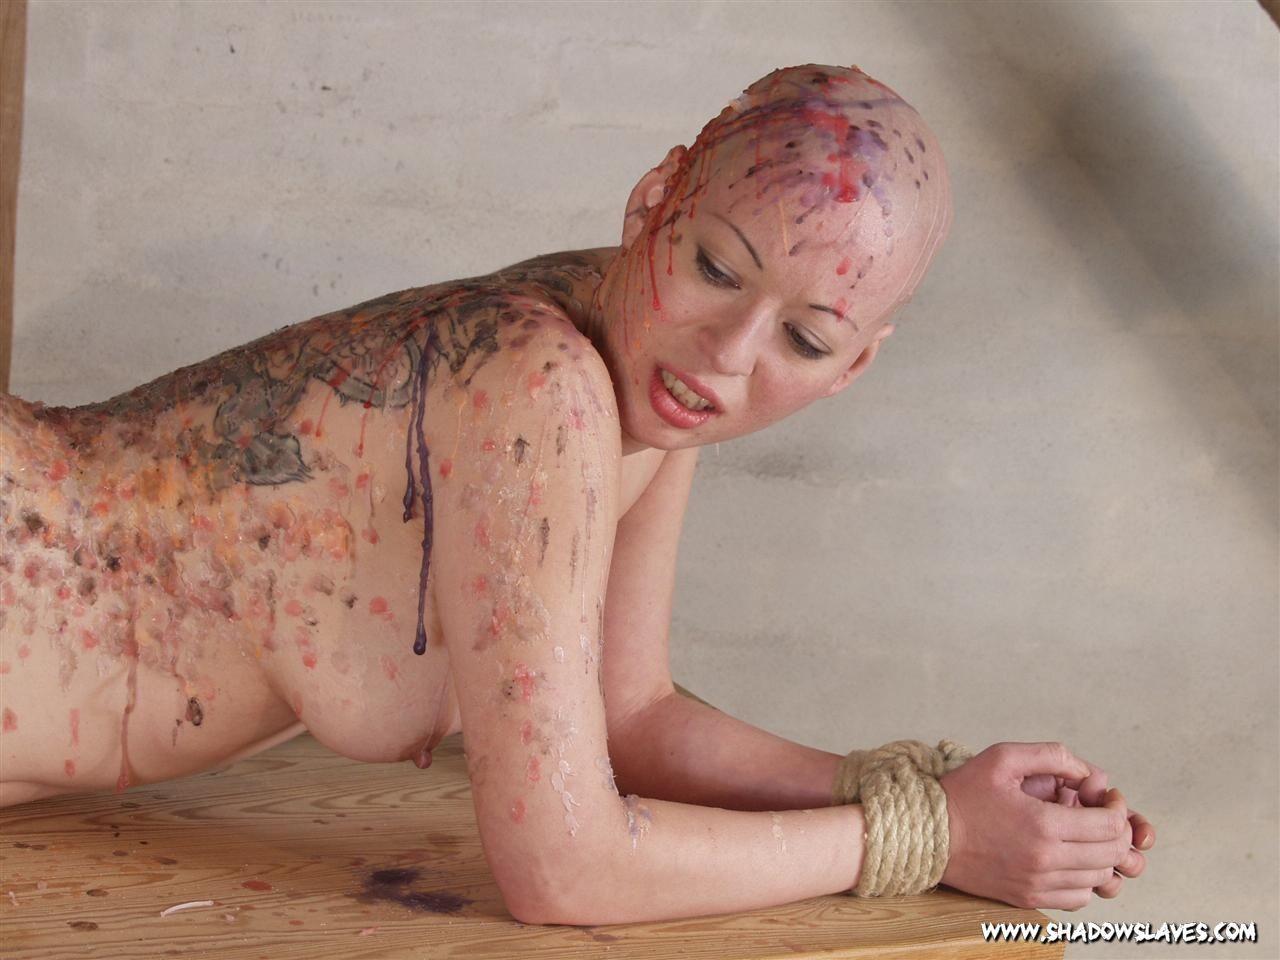 Лысая голая телка в краске улыбается перед своим мужиком